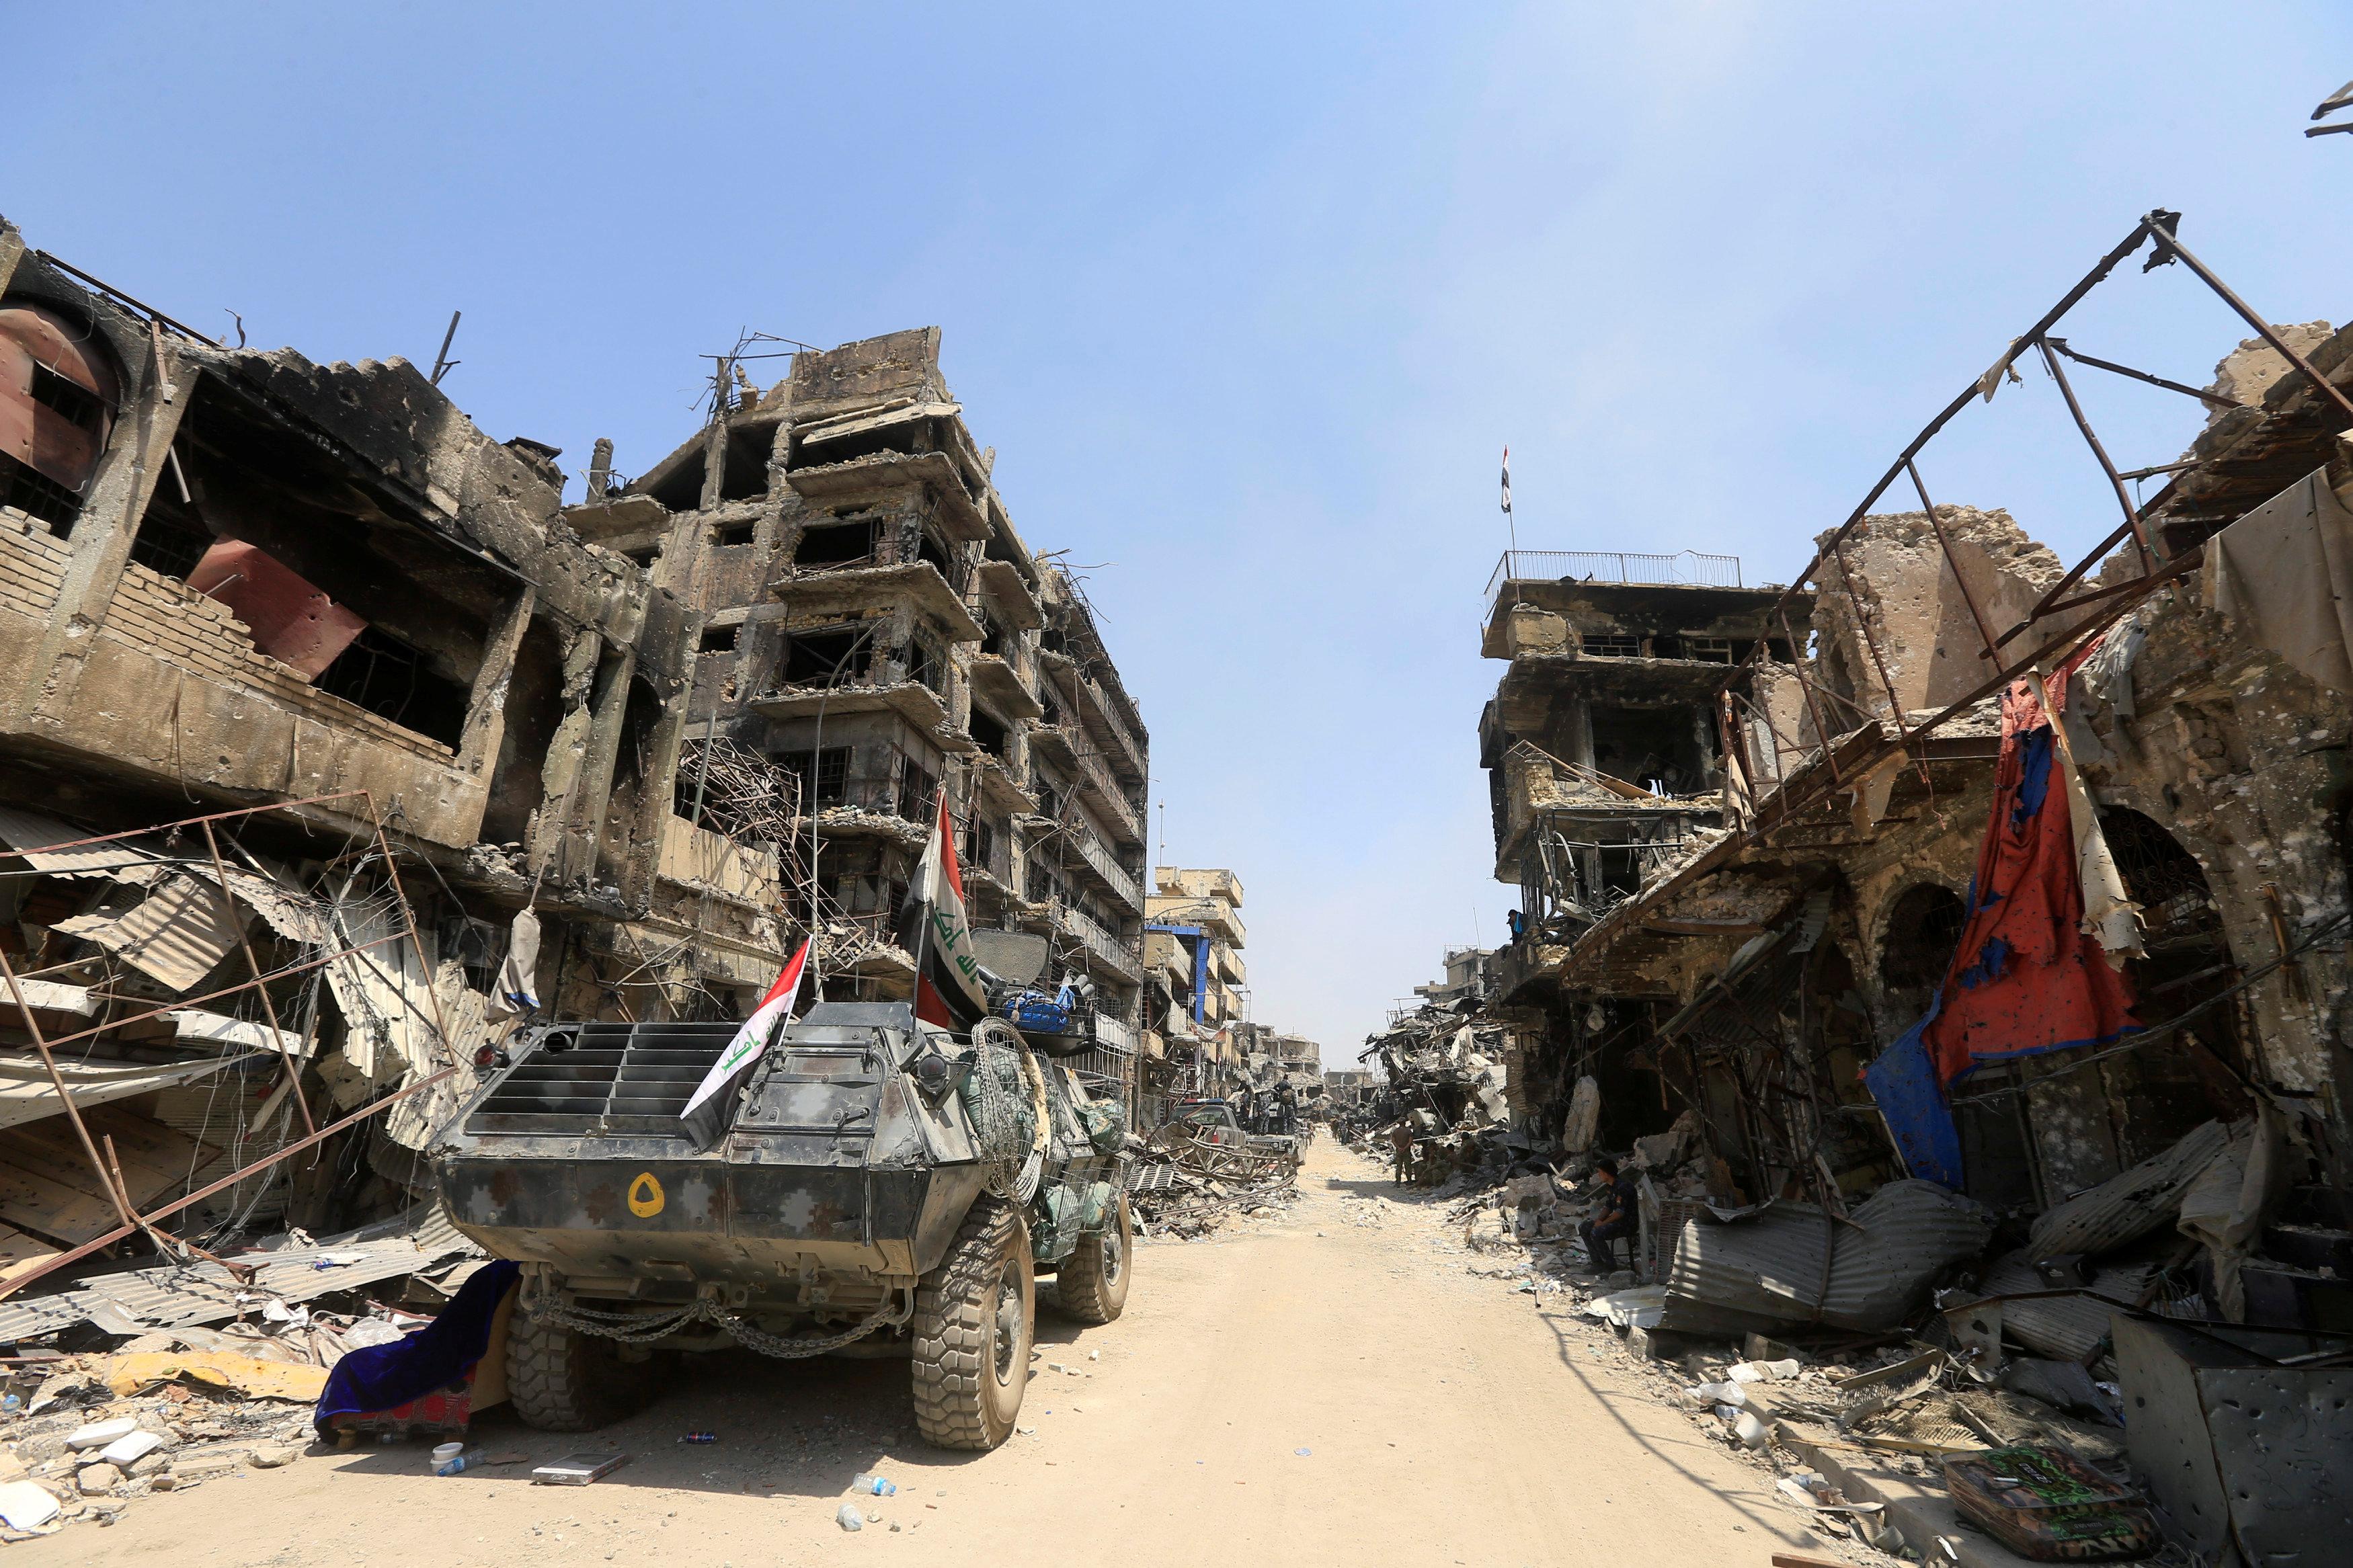 رويترز العراق يعلن النصر على تنظيم داعش في الموصل